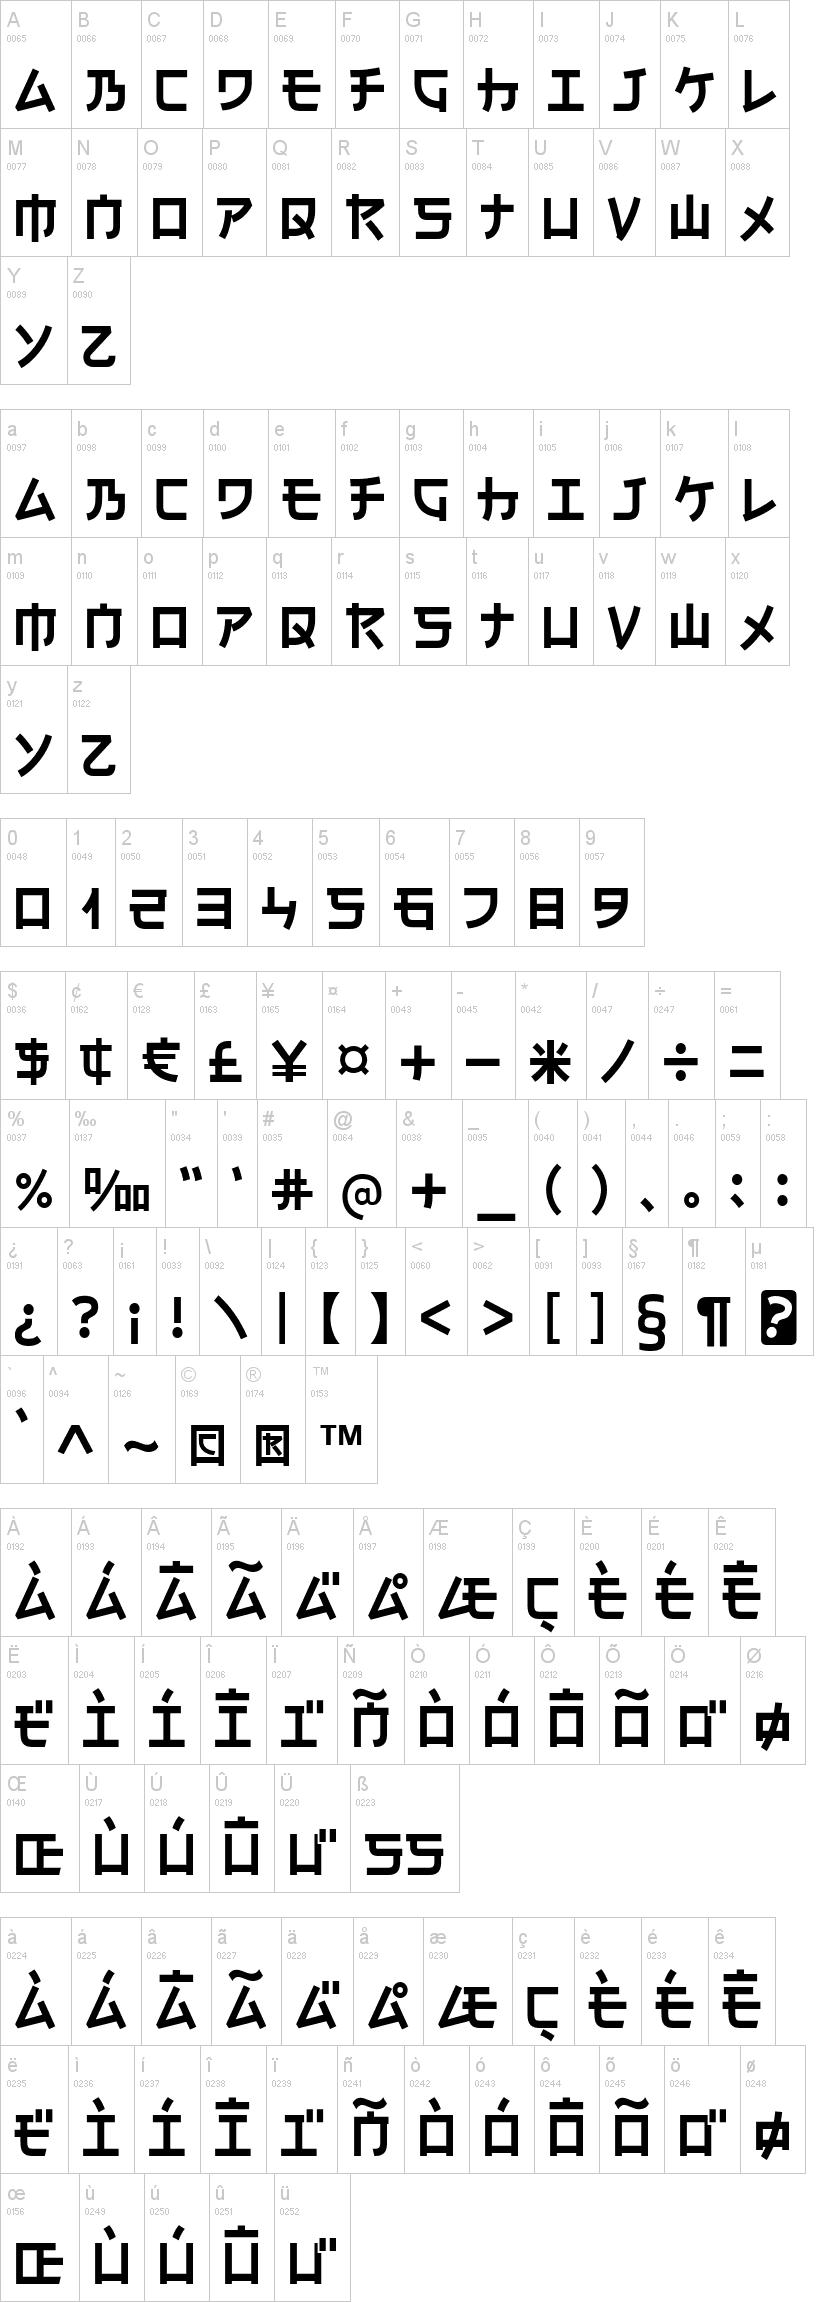 フォント:エレクトロハーモニクス